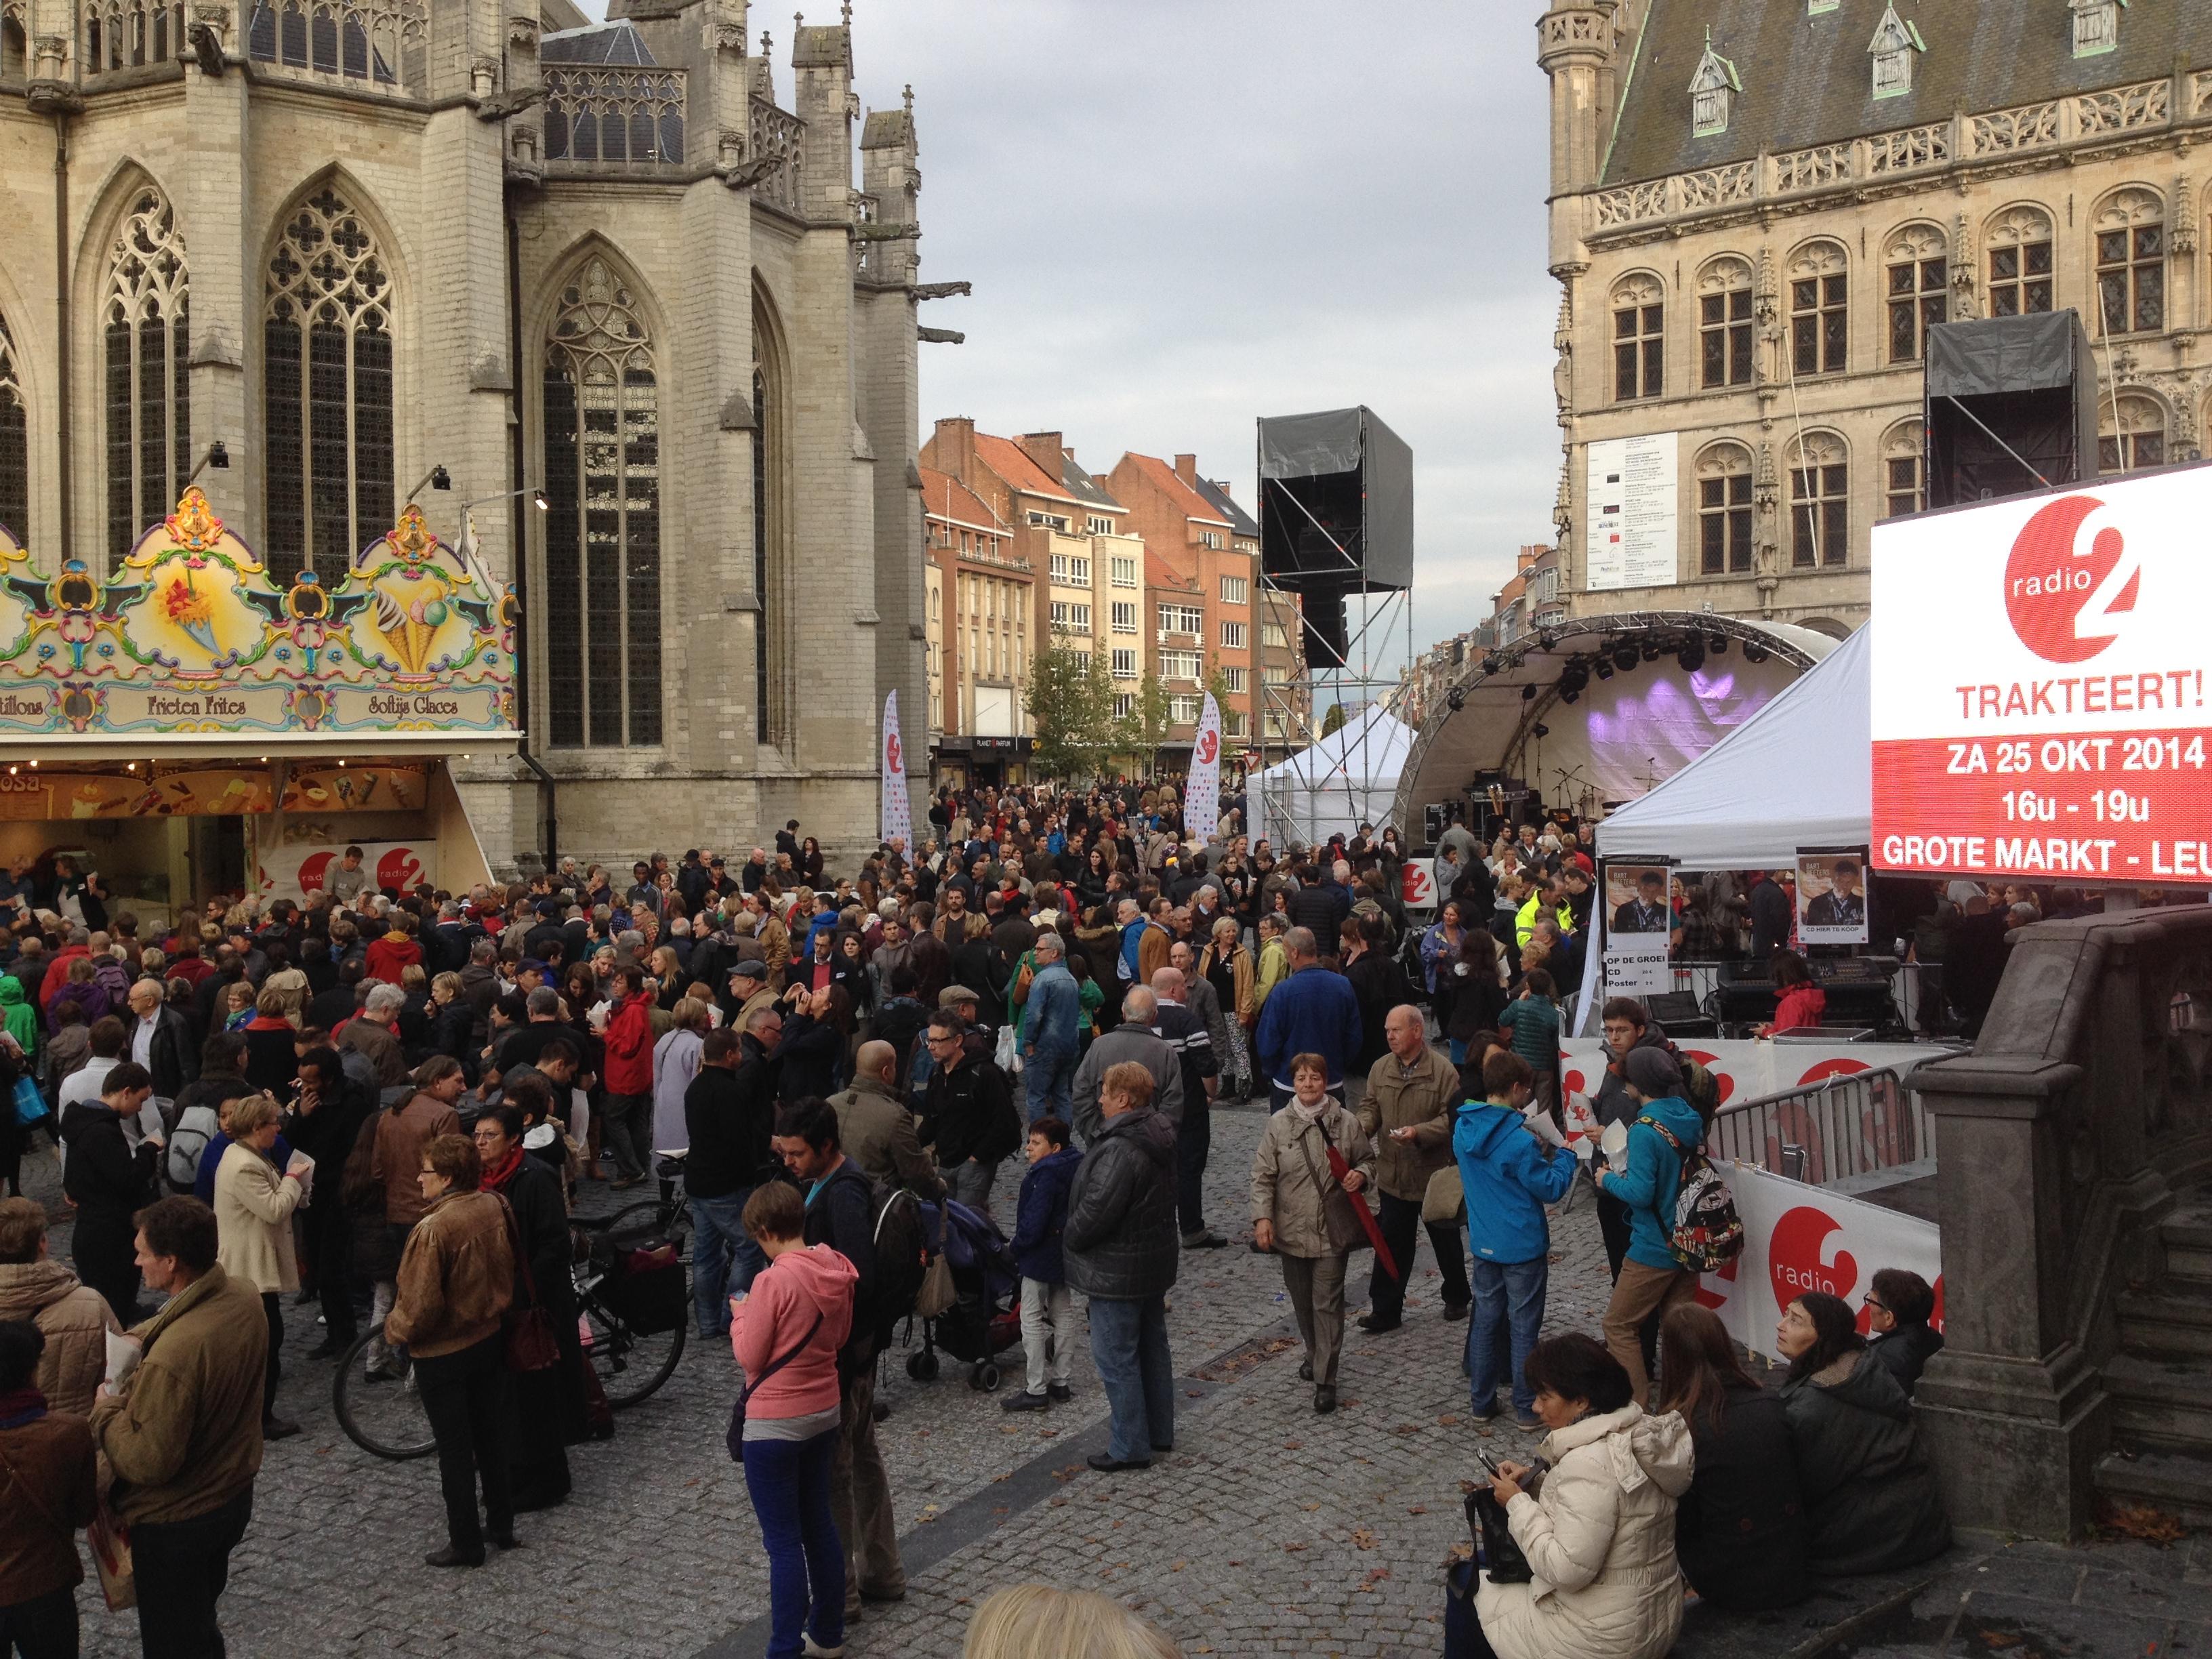 Radio 2 Trakteert! 2014 (Leuven)